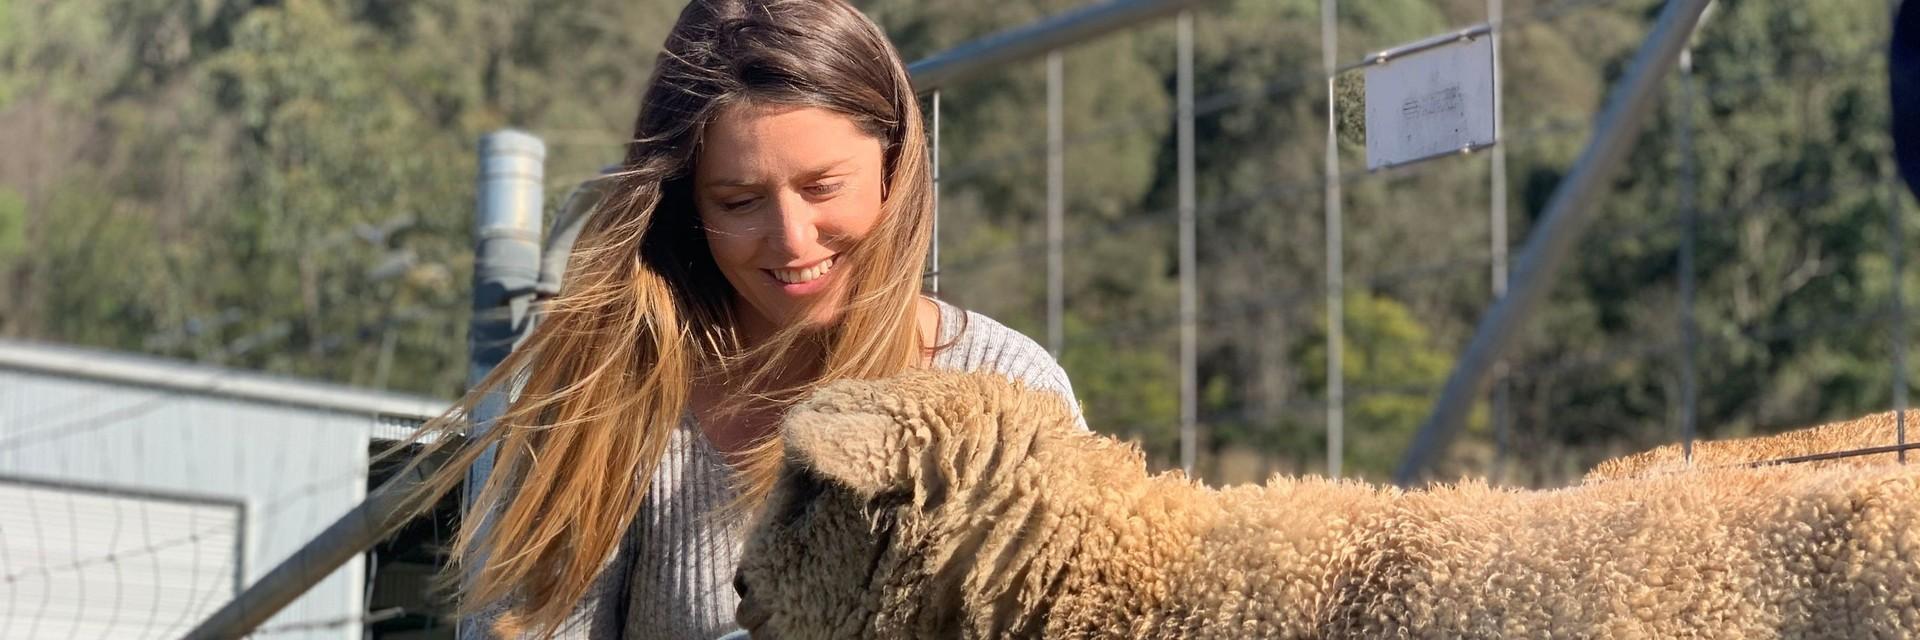 Frau mit Schaf